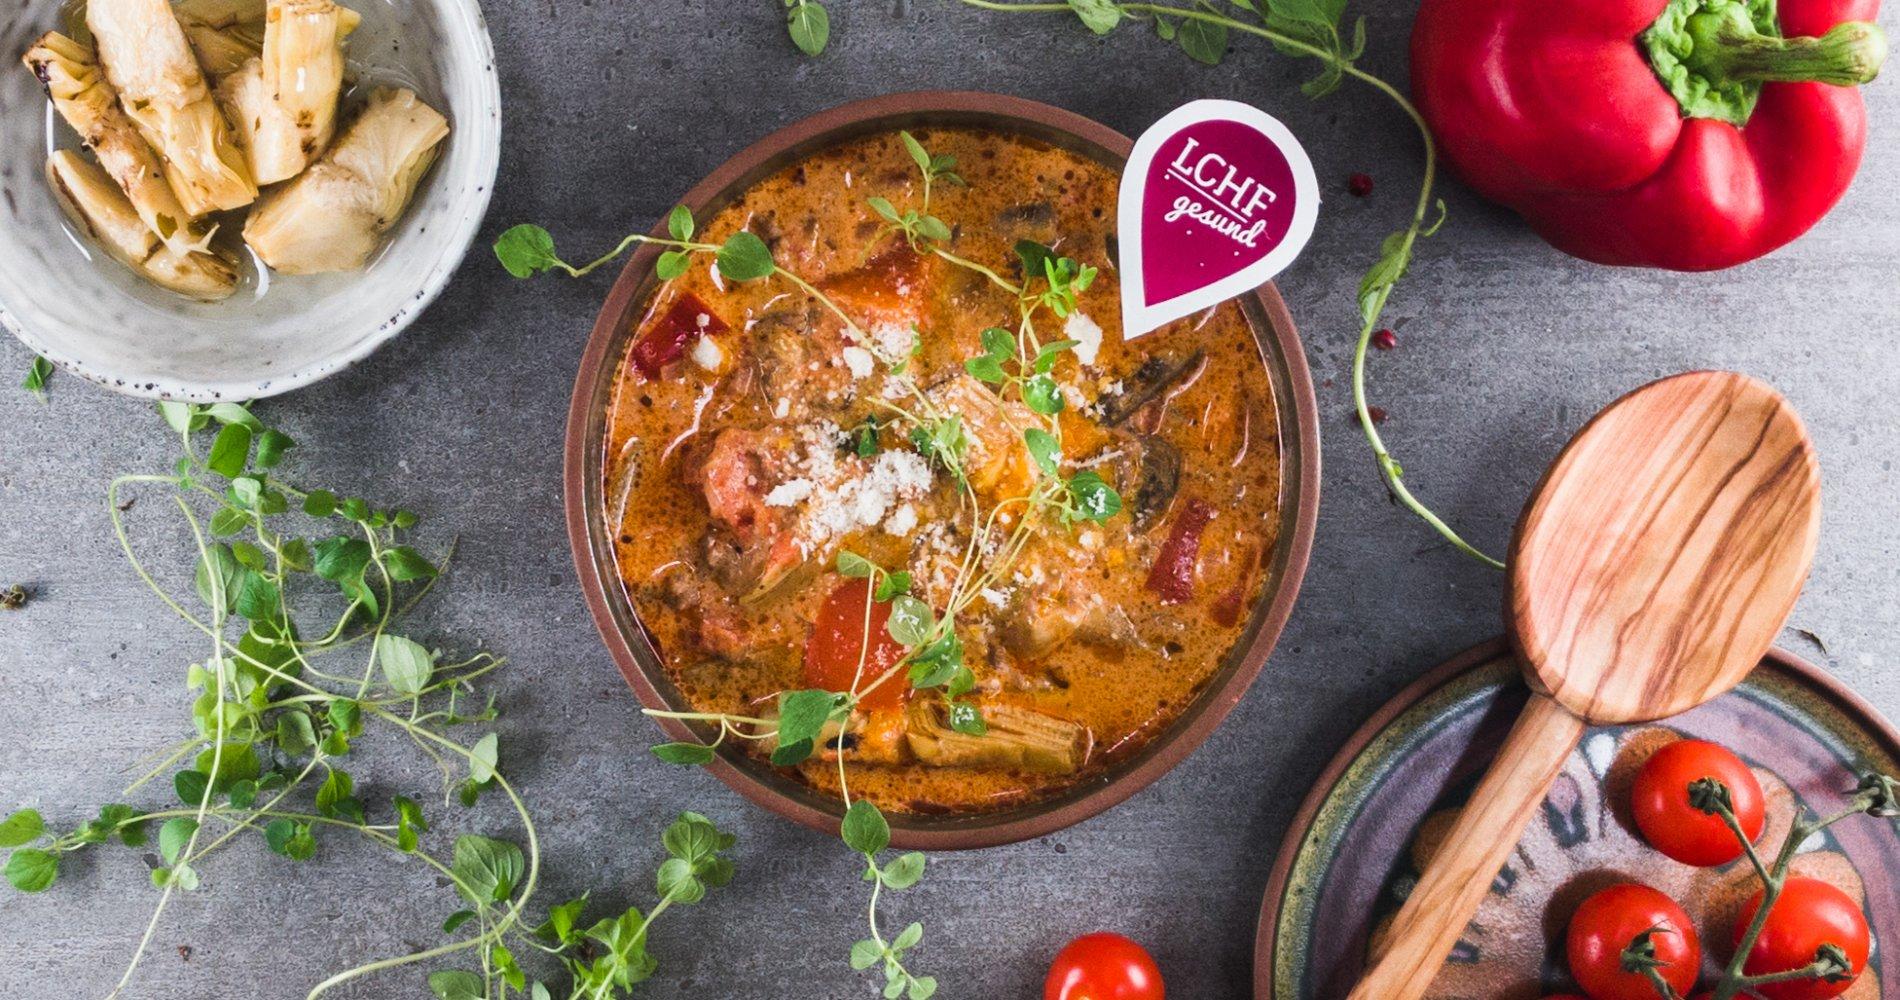 Rezept Low Carb: Bolognese-Eintopf - LCHF-gesund.de